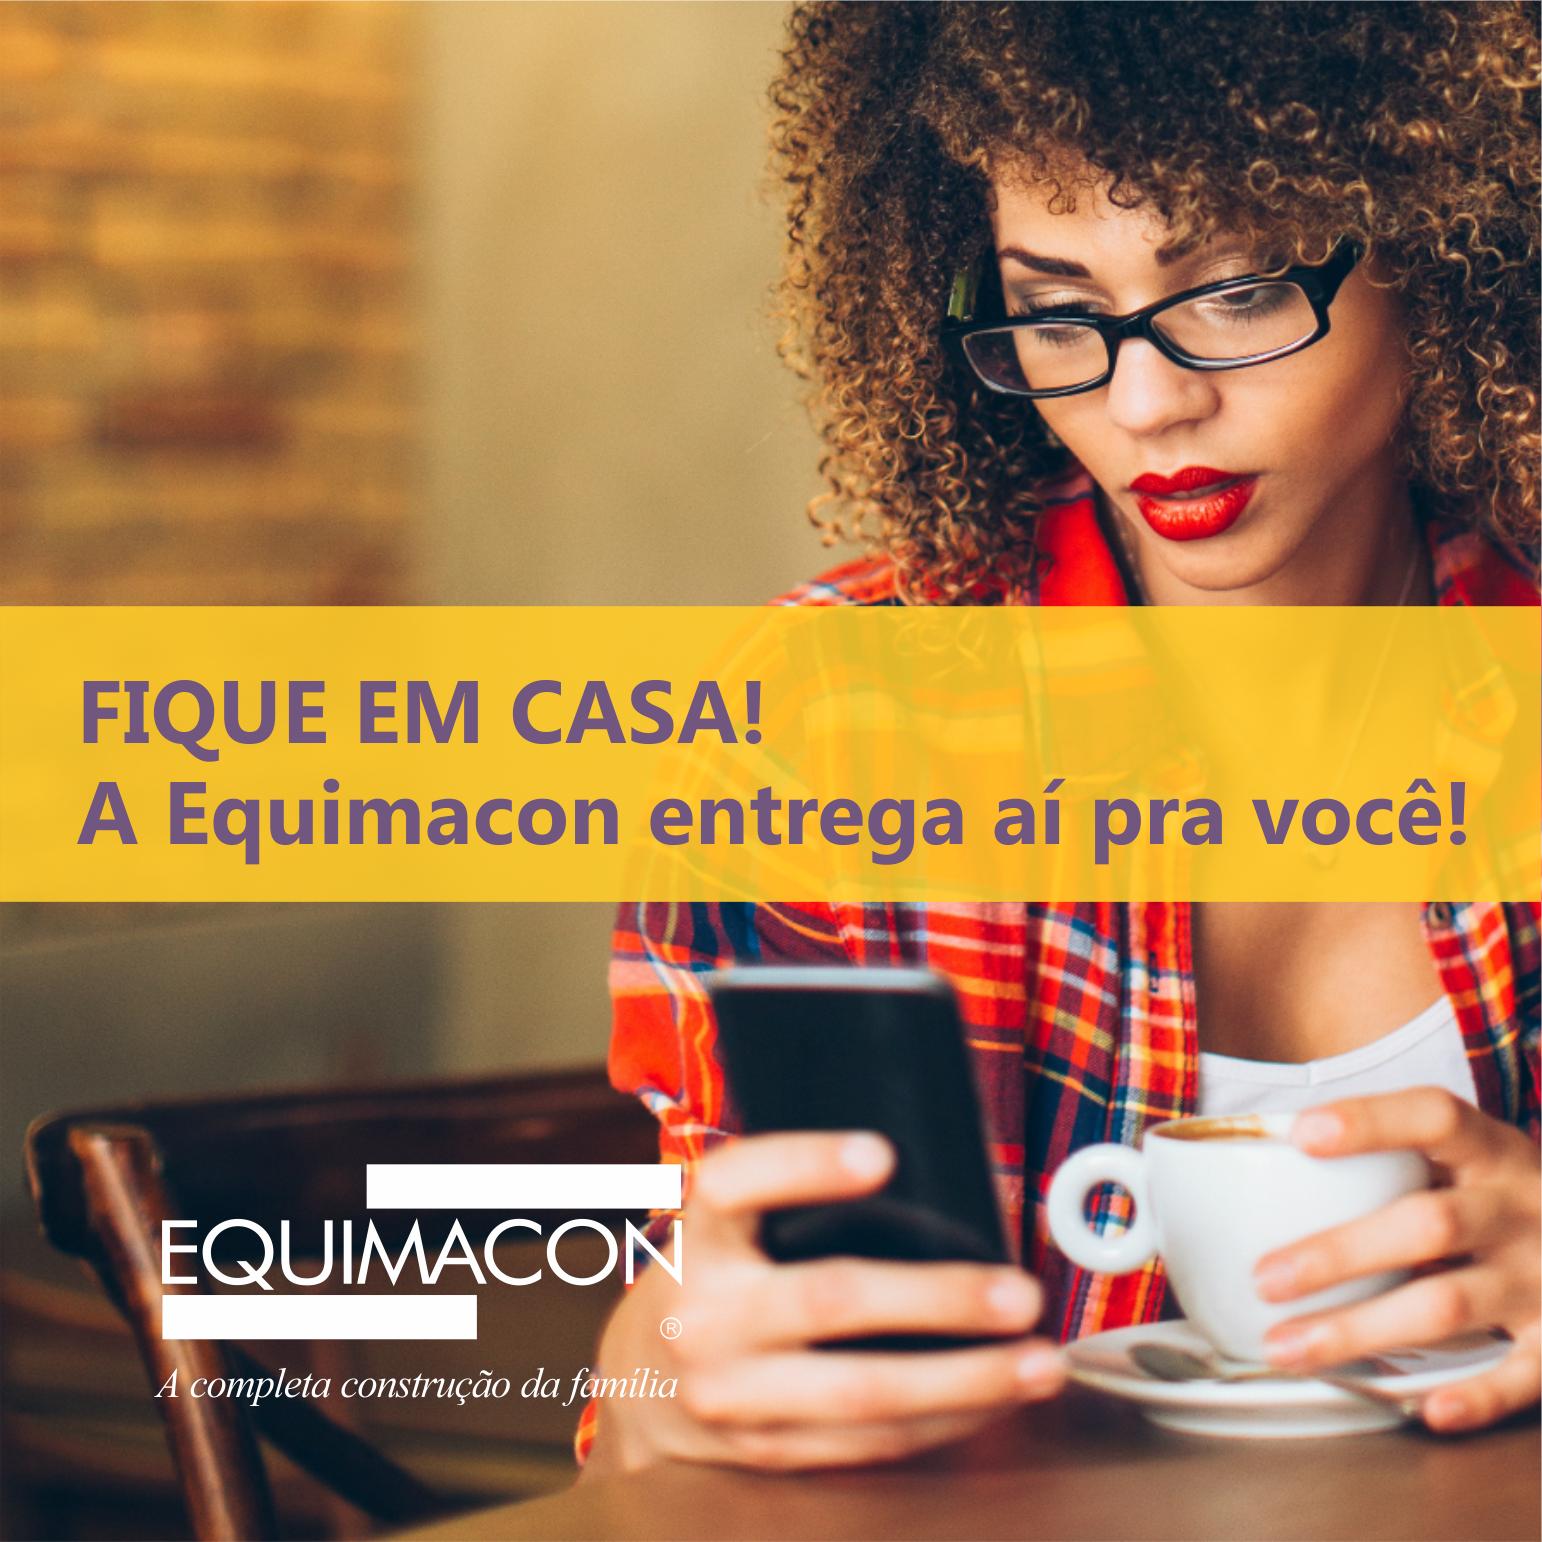 Equimacon